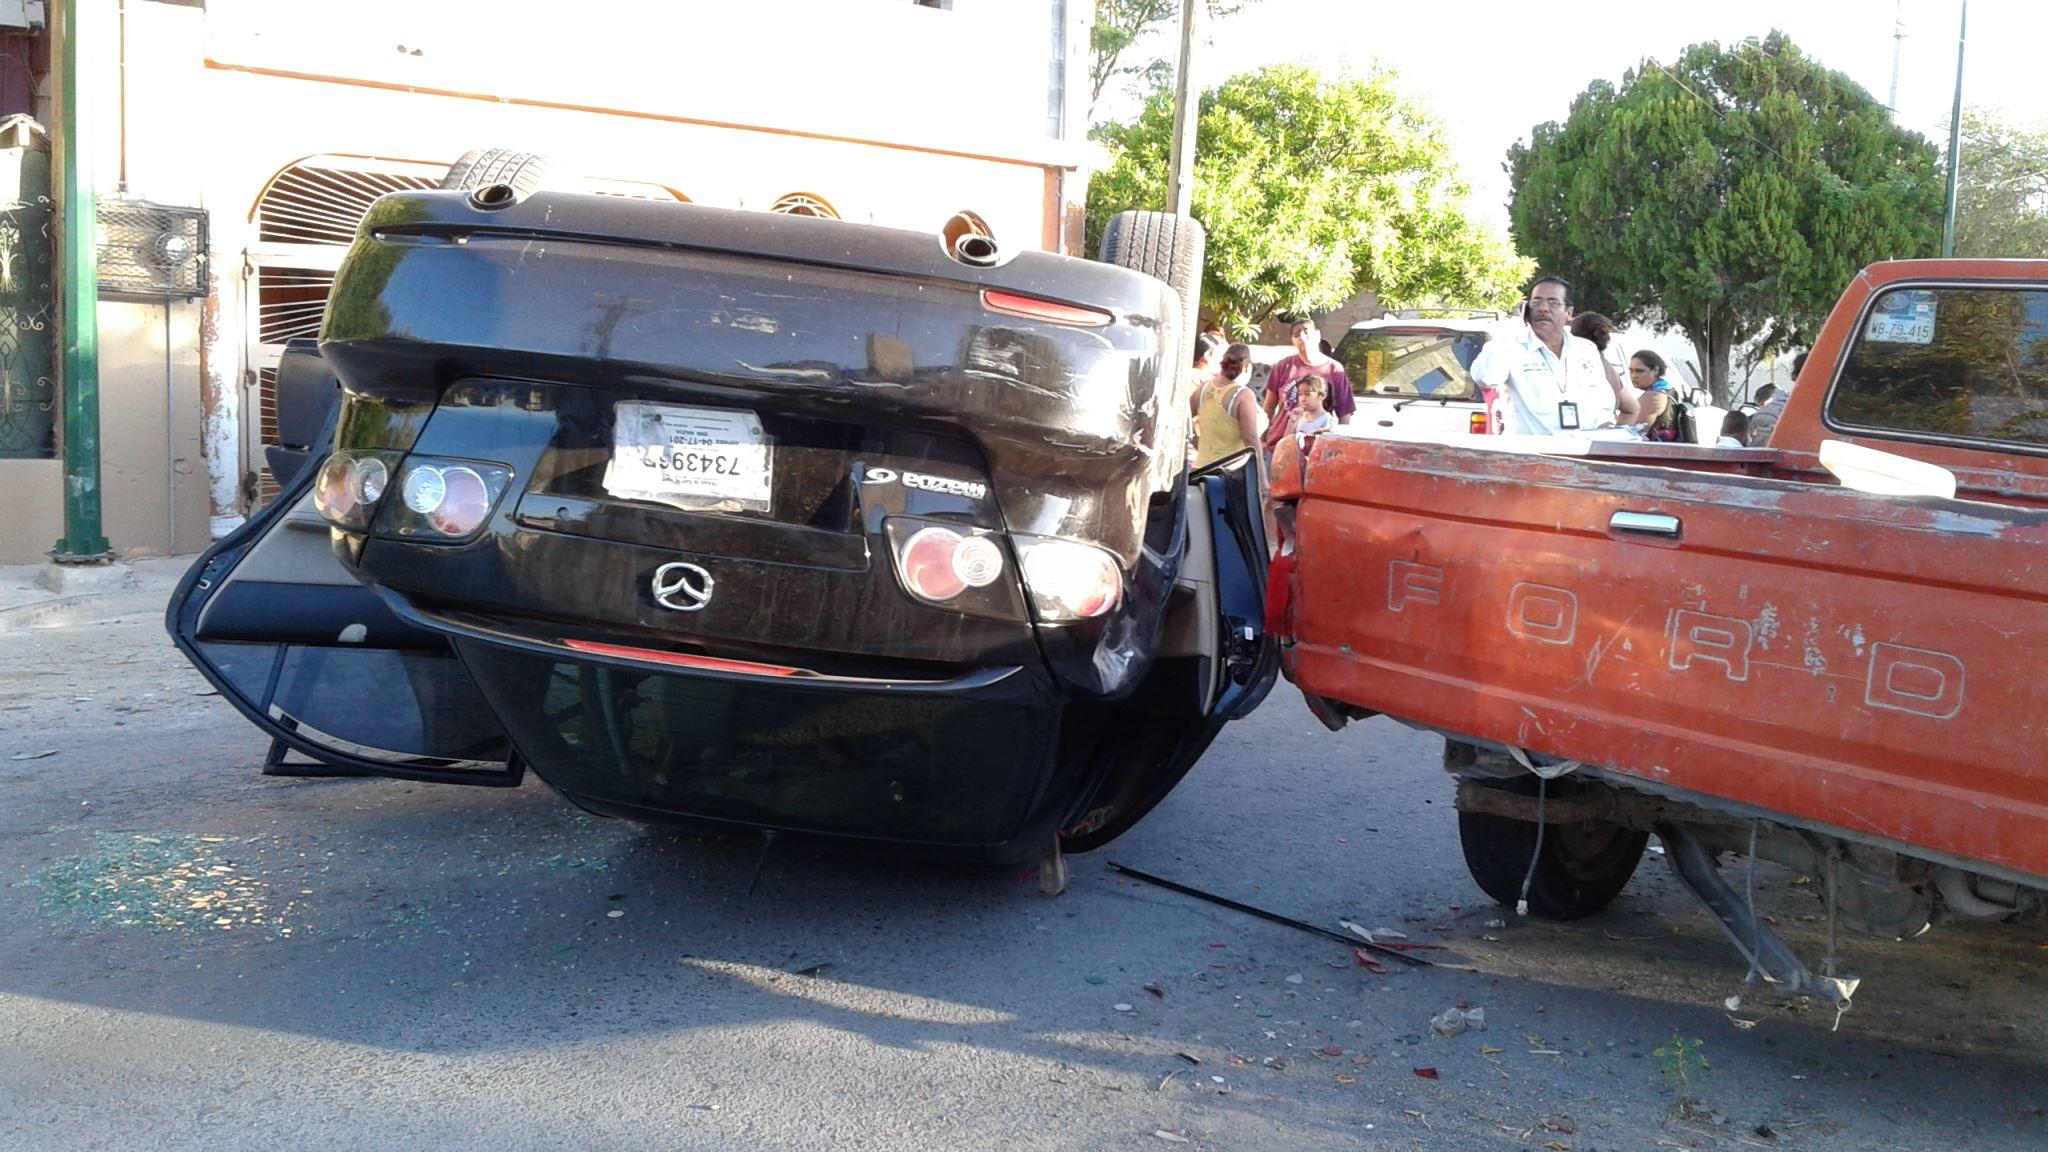 VOLCADO. El automóvil sedán, marca Mazda 6, terminó volcado sobre la calle Río San Fernando del fraccionamiento Río Bravo, tras haberse impactado contra un par de camionetas estacionadas.(foto: Heriberto Rodríguez)